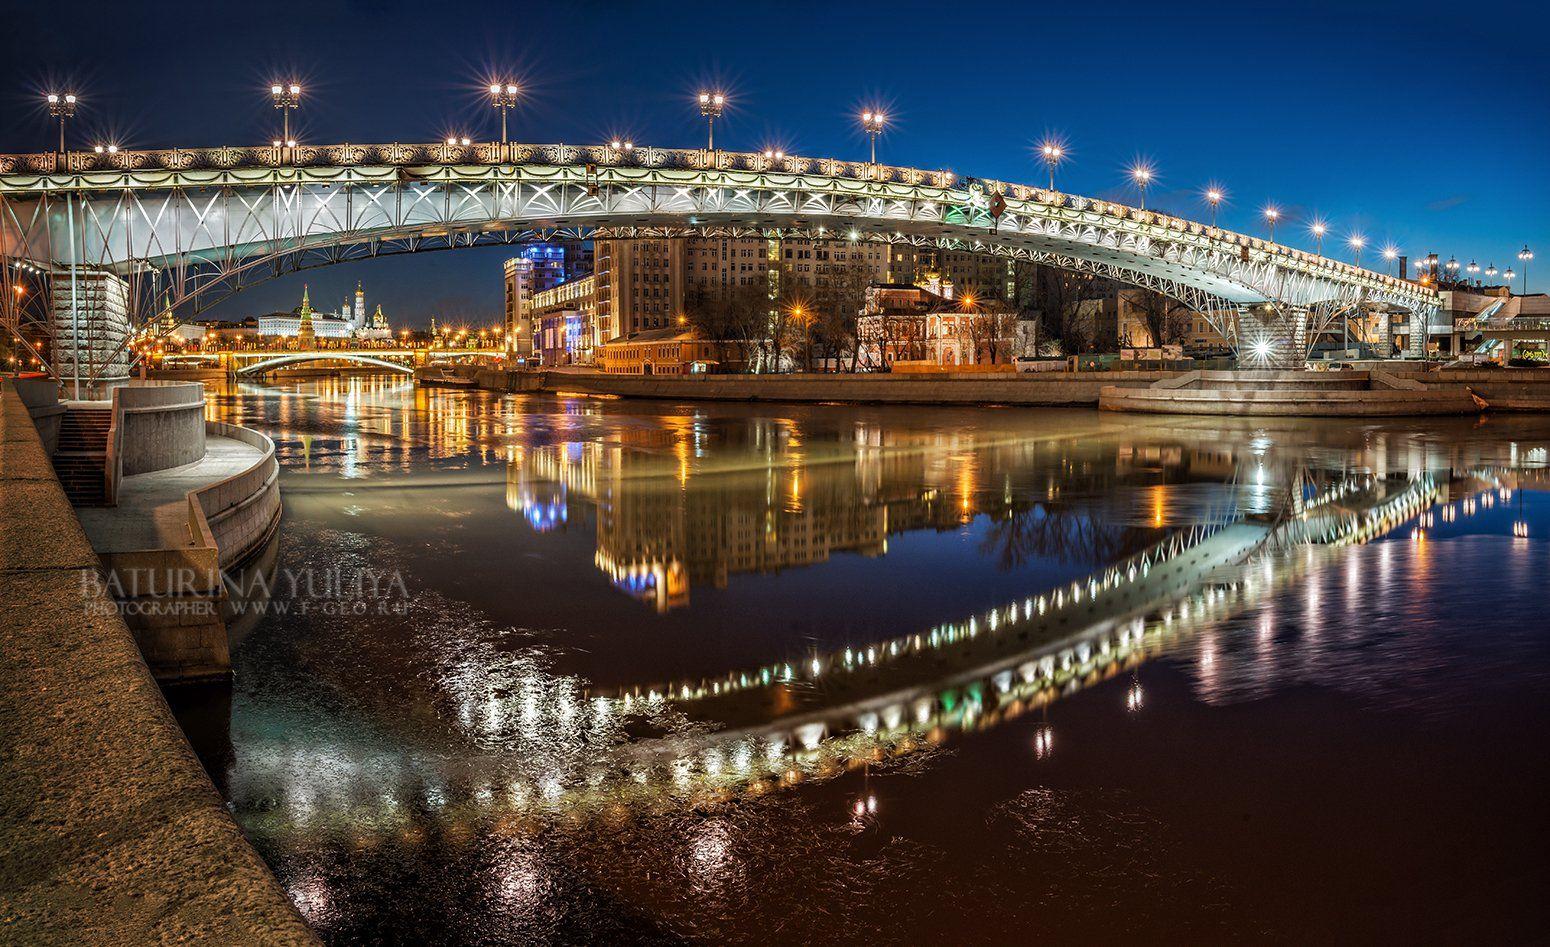 Москва, Патриарший мост, утро, ночь, отражение, Кремль, мост, набережная, город, Юлия Батурина